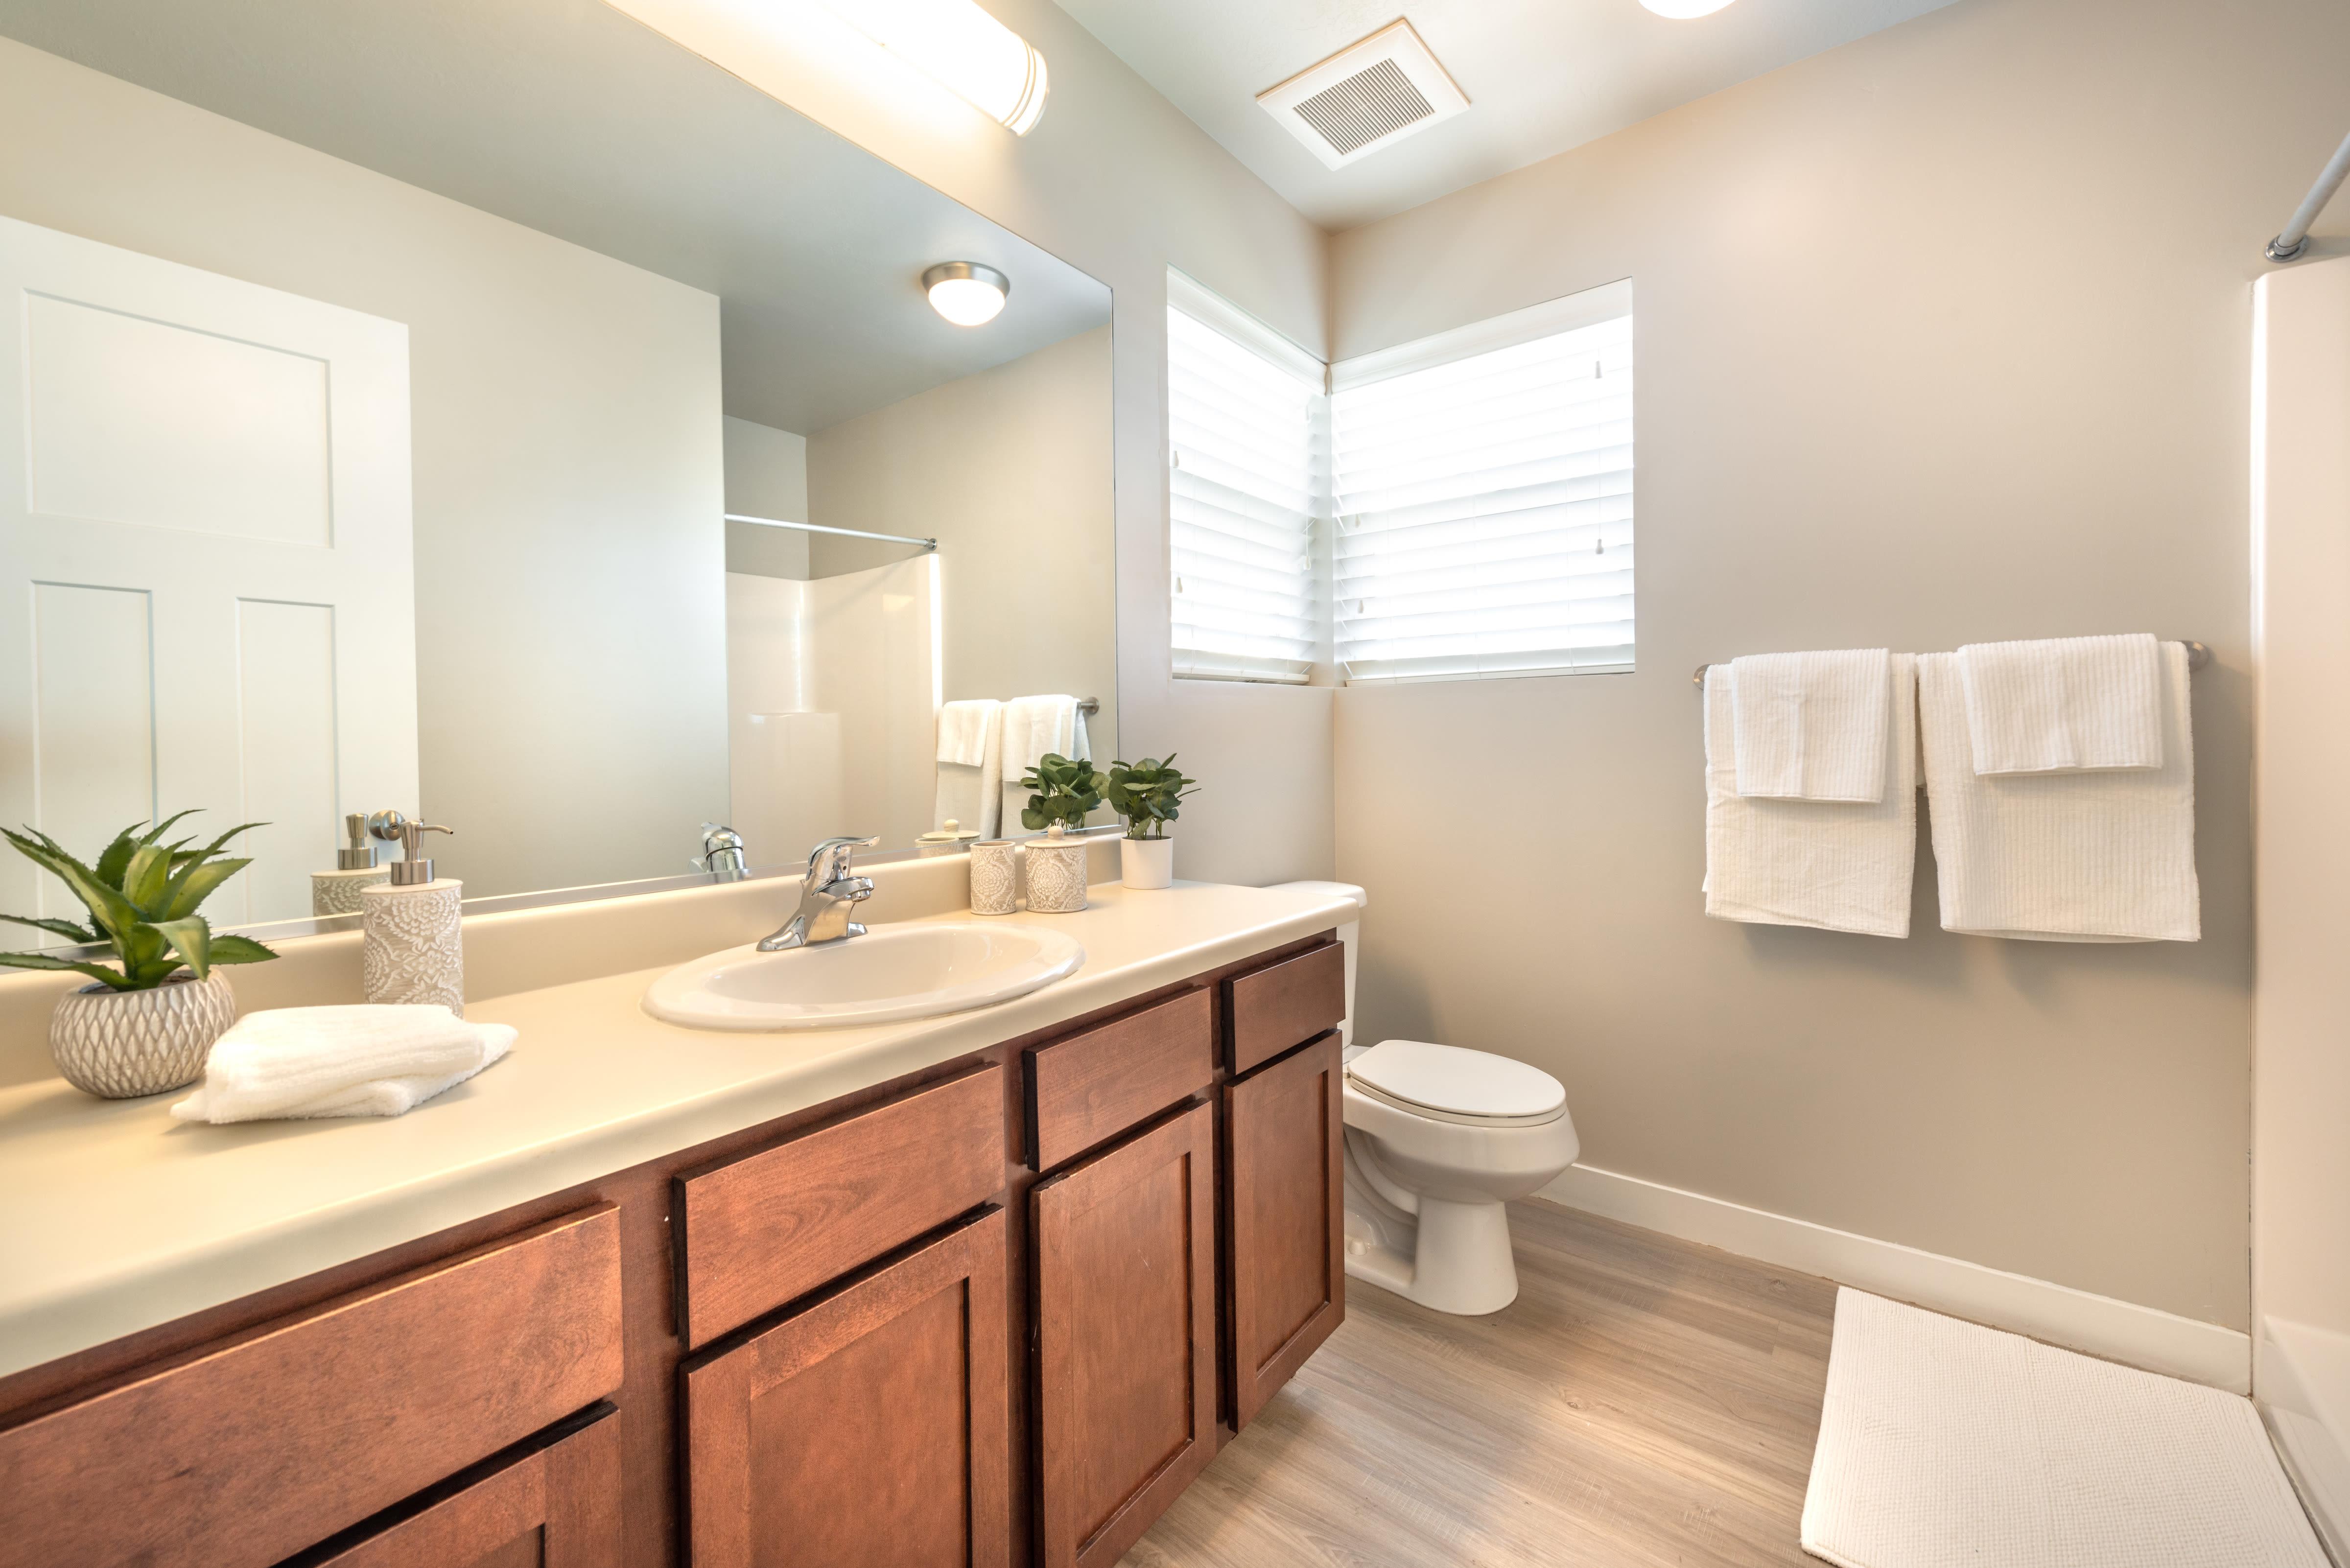 Bathroom at Olympus at the District in South Jordan, Utah